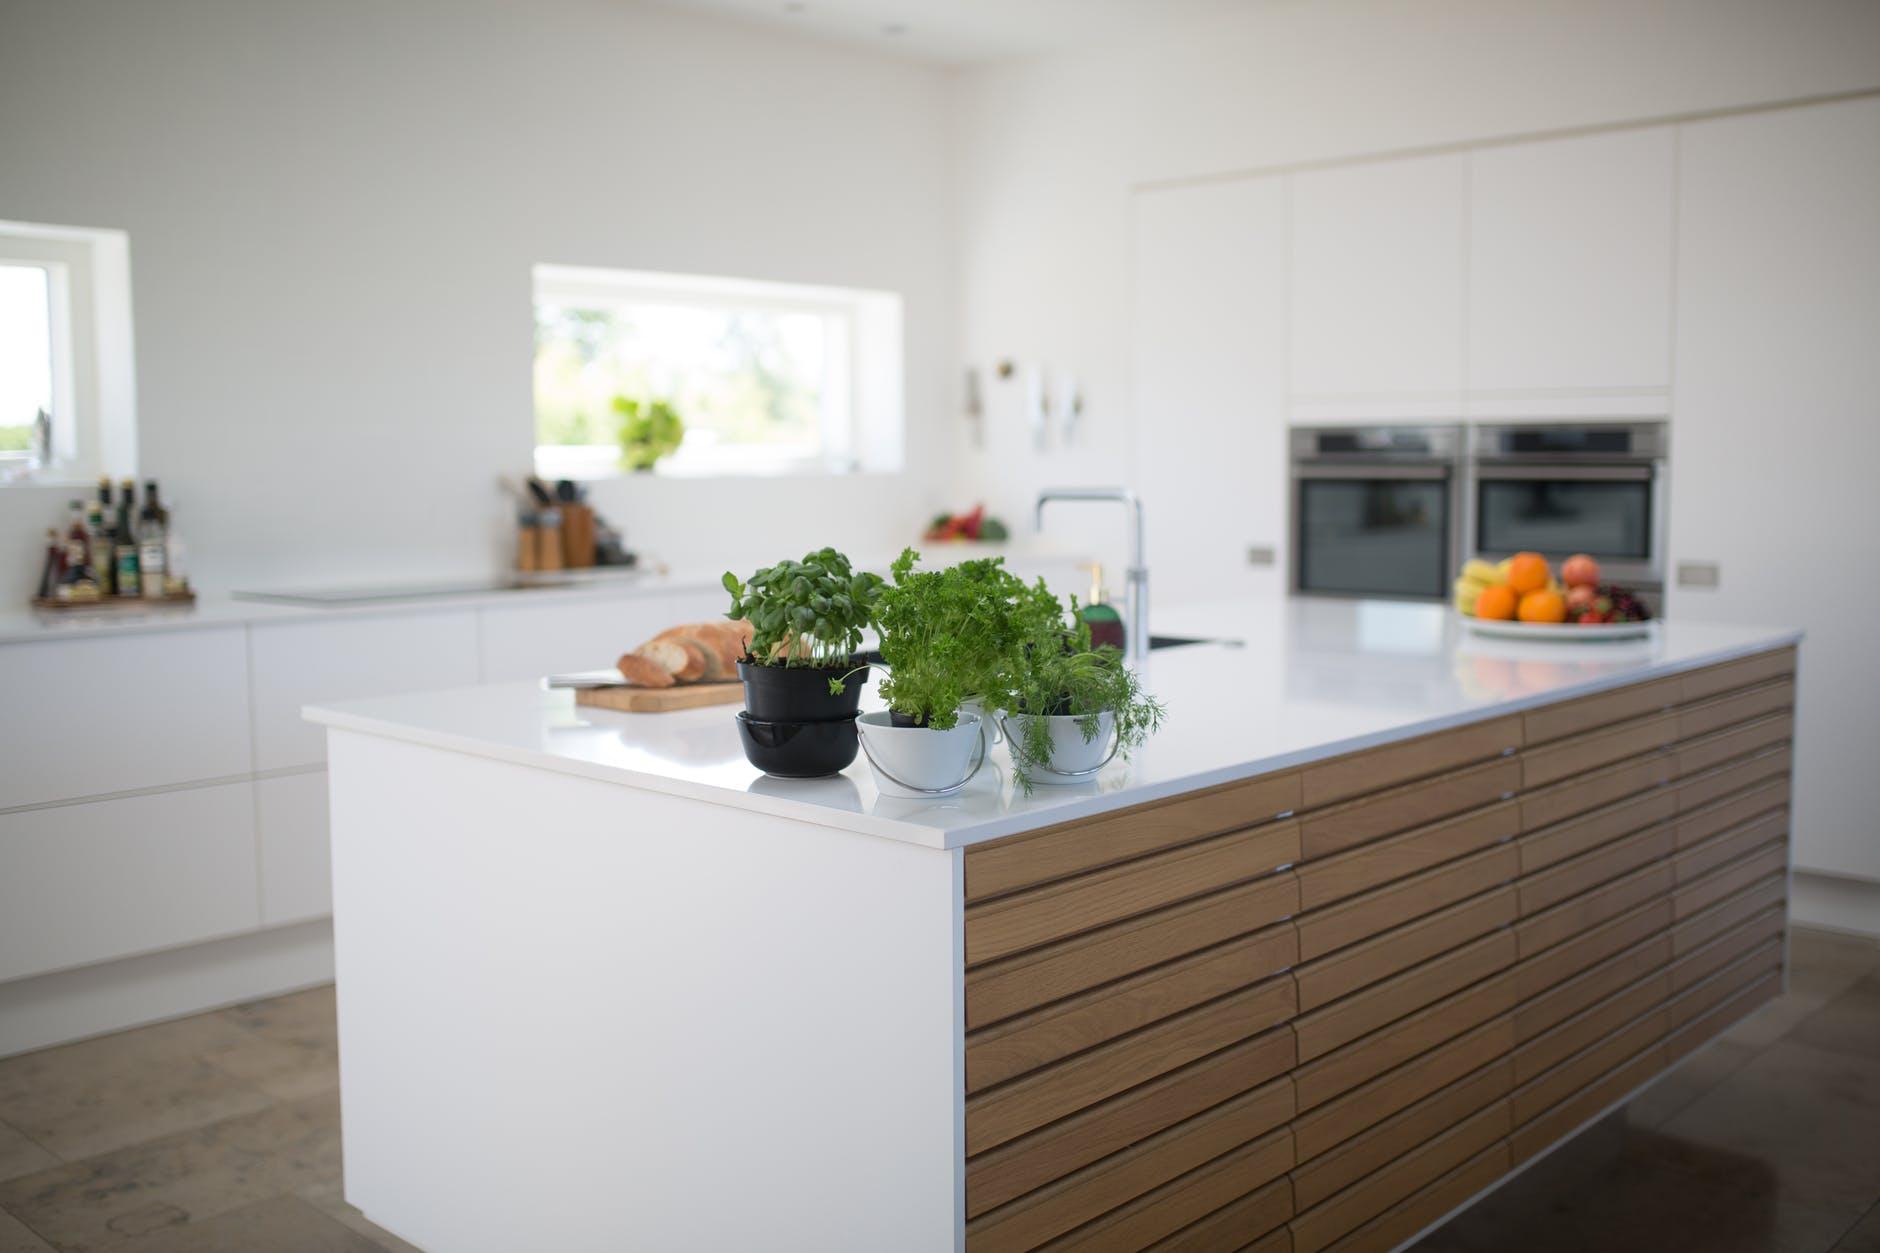 Stellar Kitchen & Cabinets 2